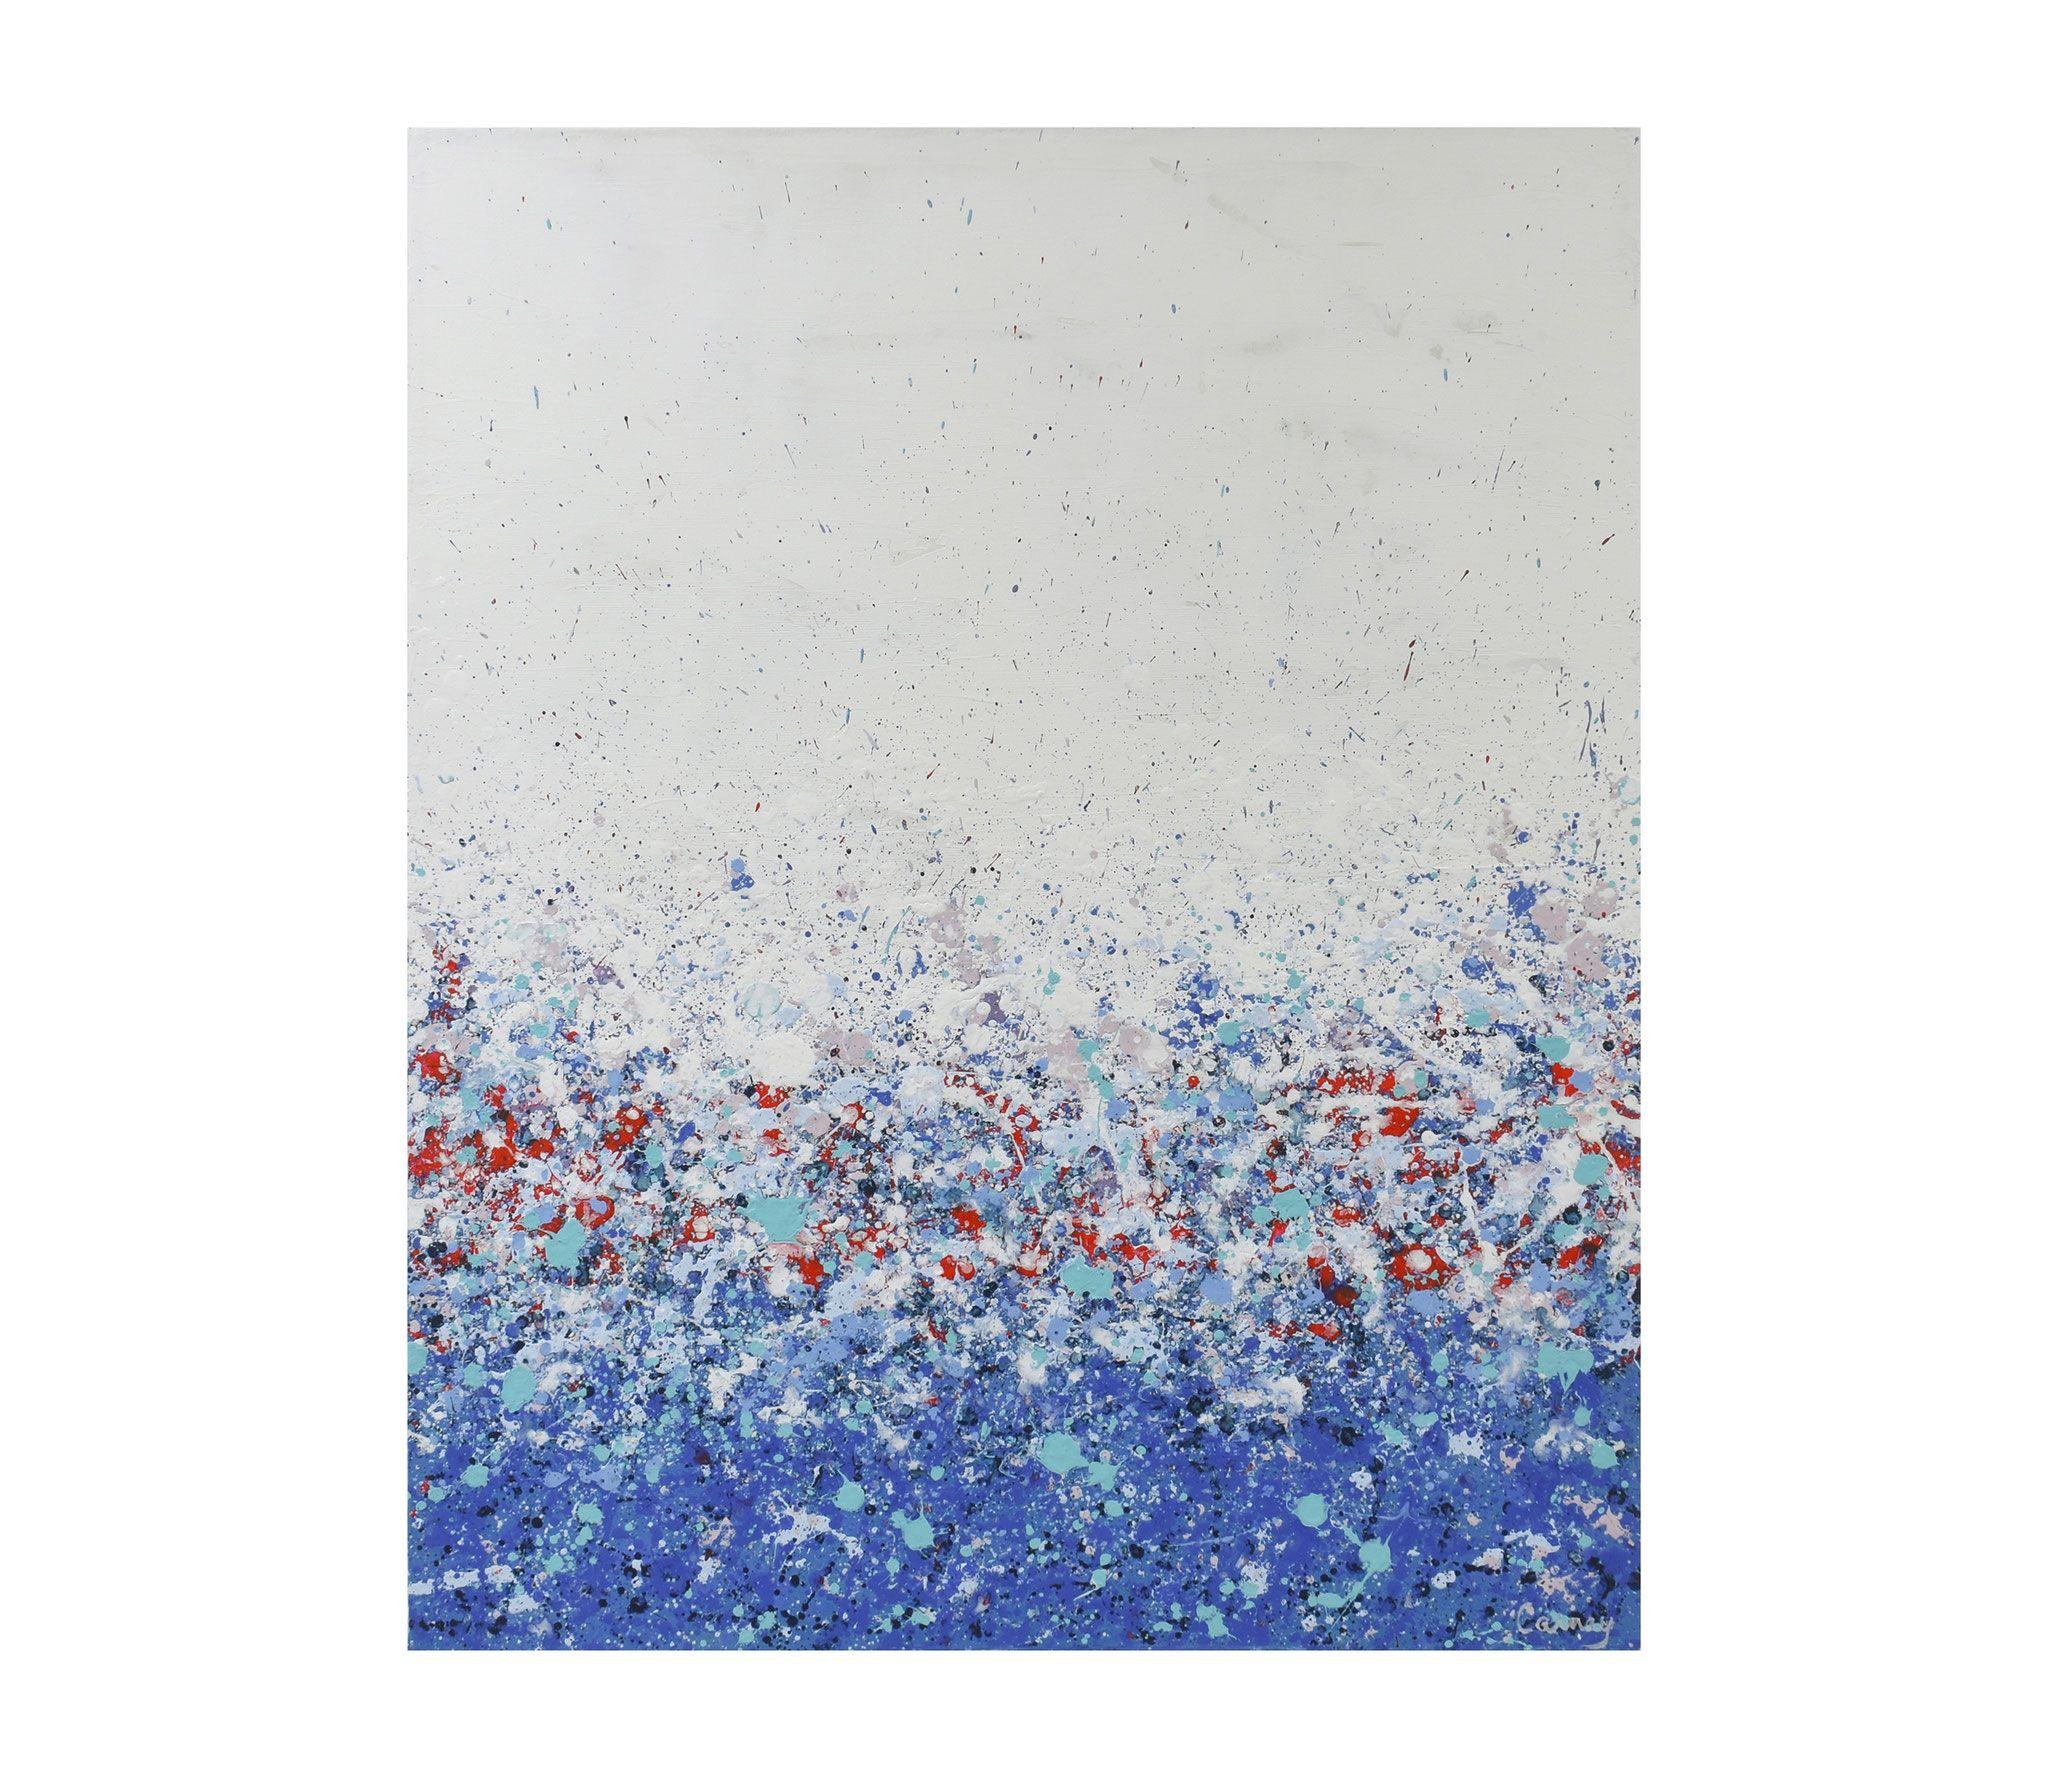 Botanical Dream | 2020 | Acrylic on Canvas | 30 x 24 x 1.5